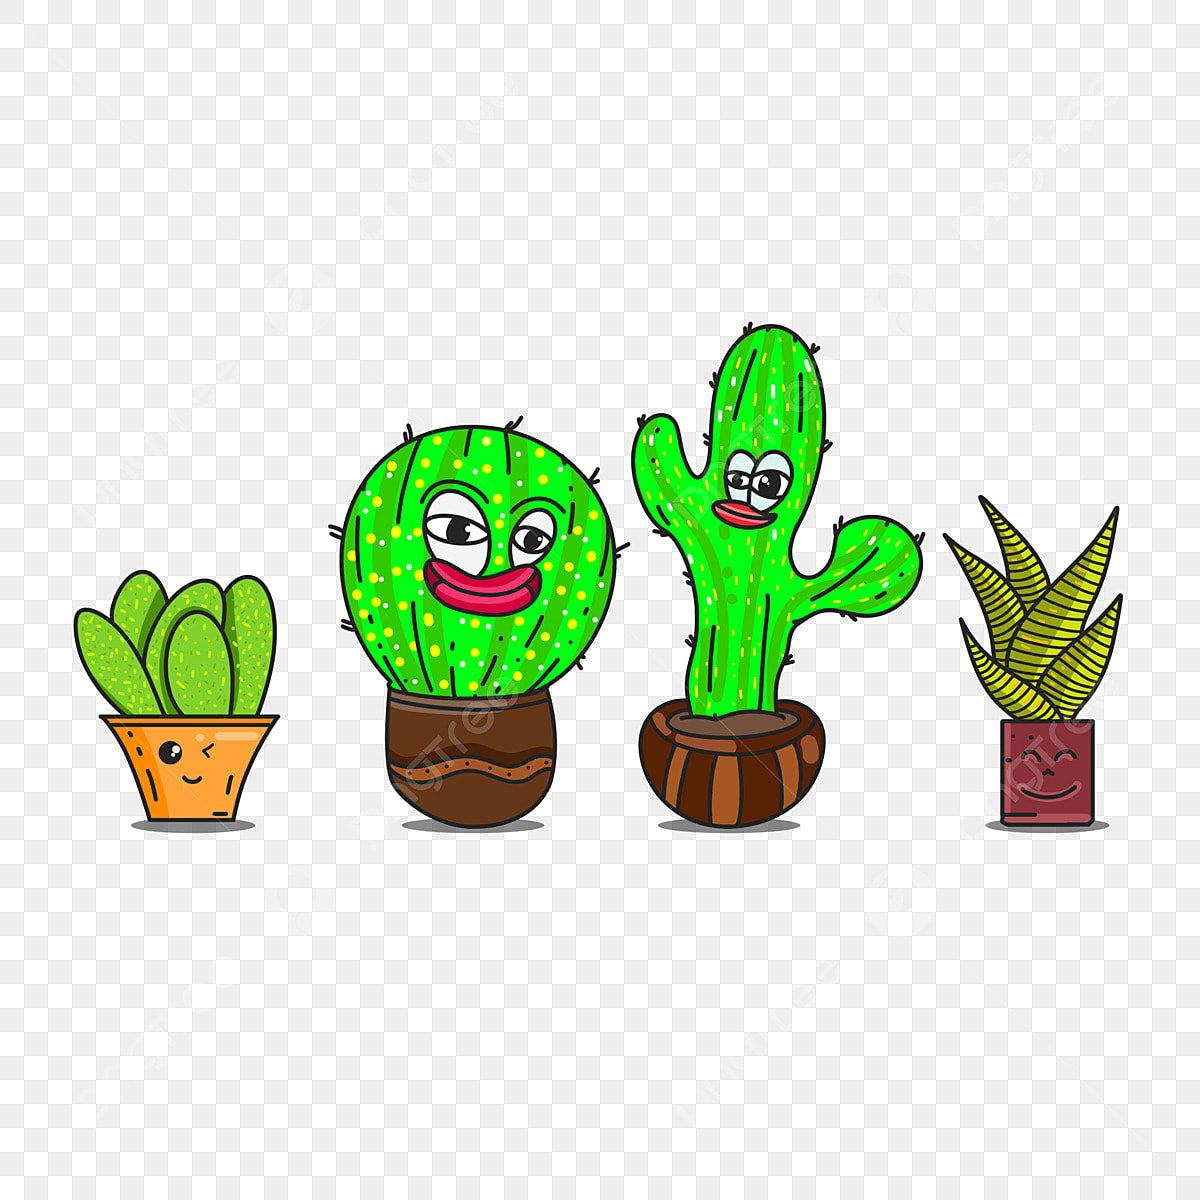 Gambar Ilustrasi Kaktus Png Vektor Psd Dan Clipart Dengan Latar Belakang Transparan Untuk Download Gratis Pngtree